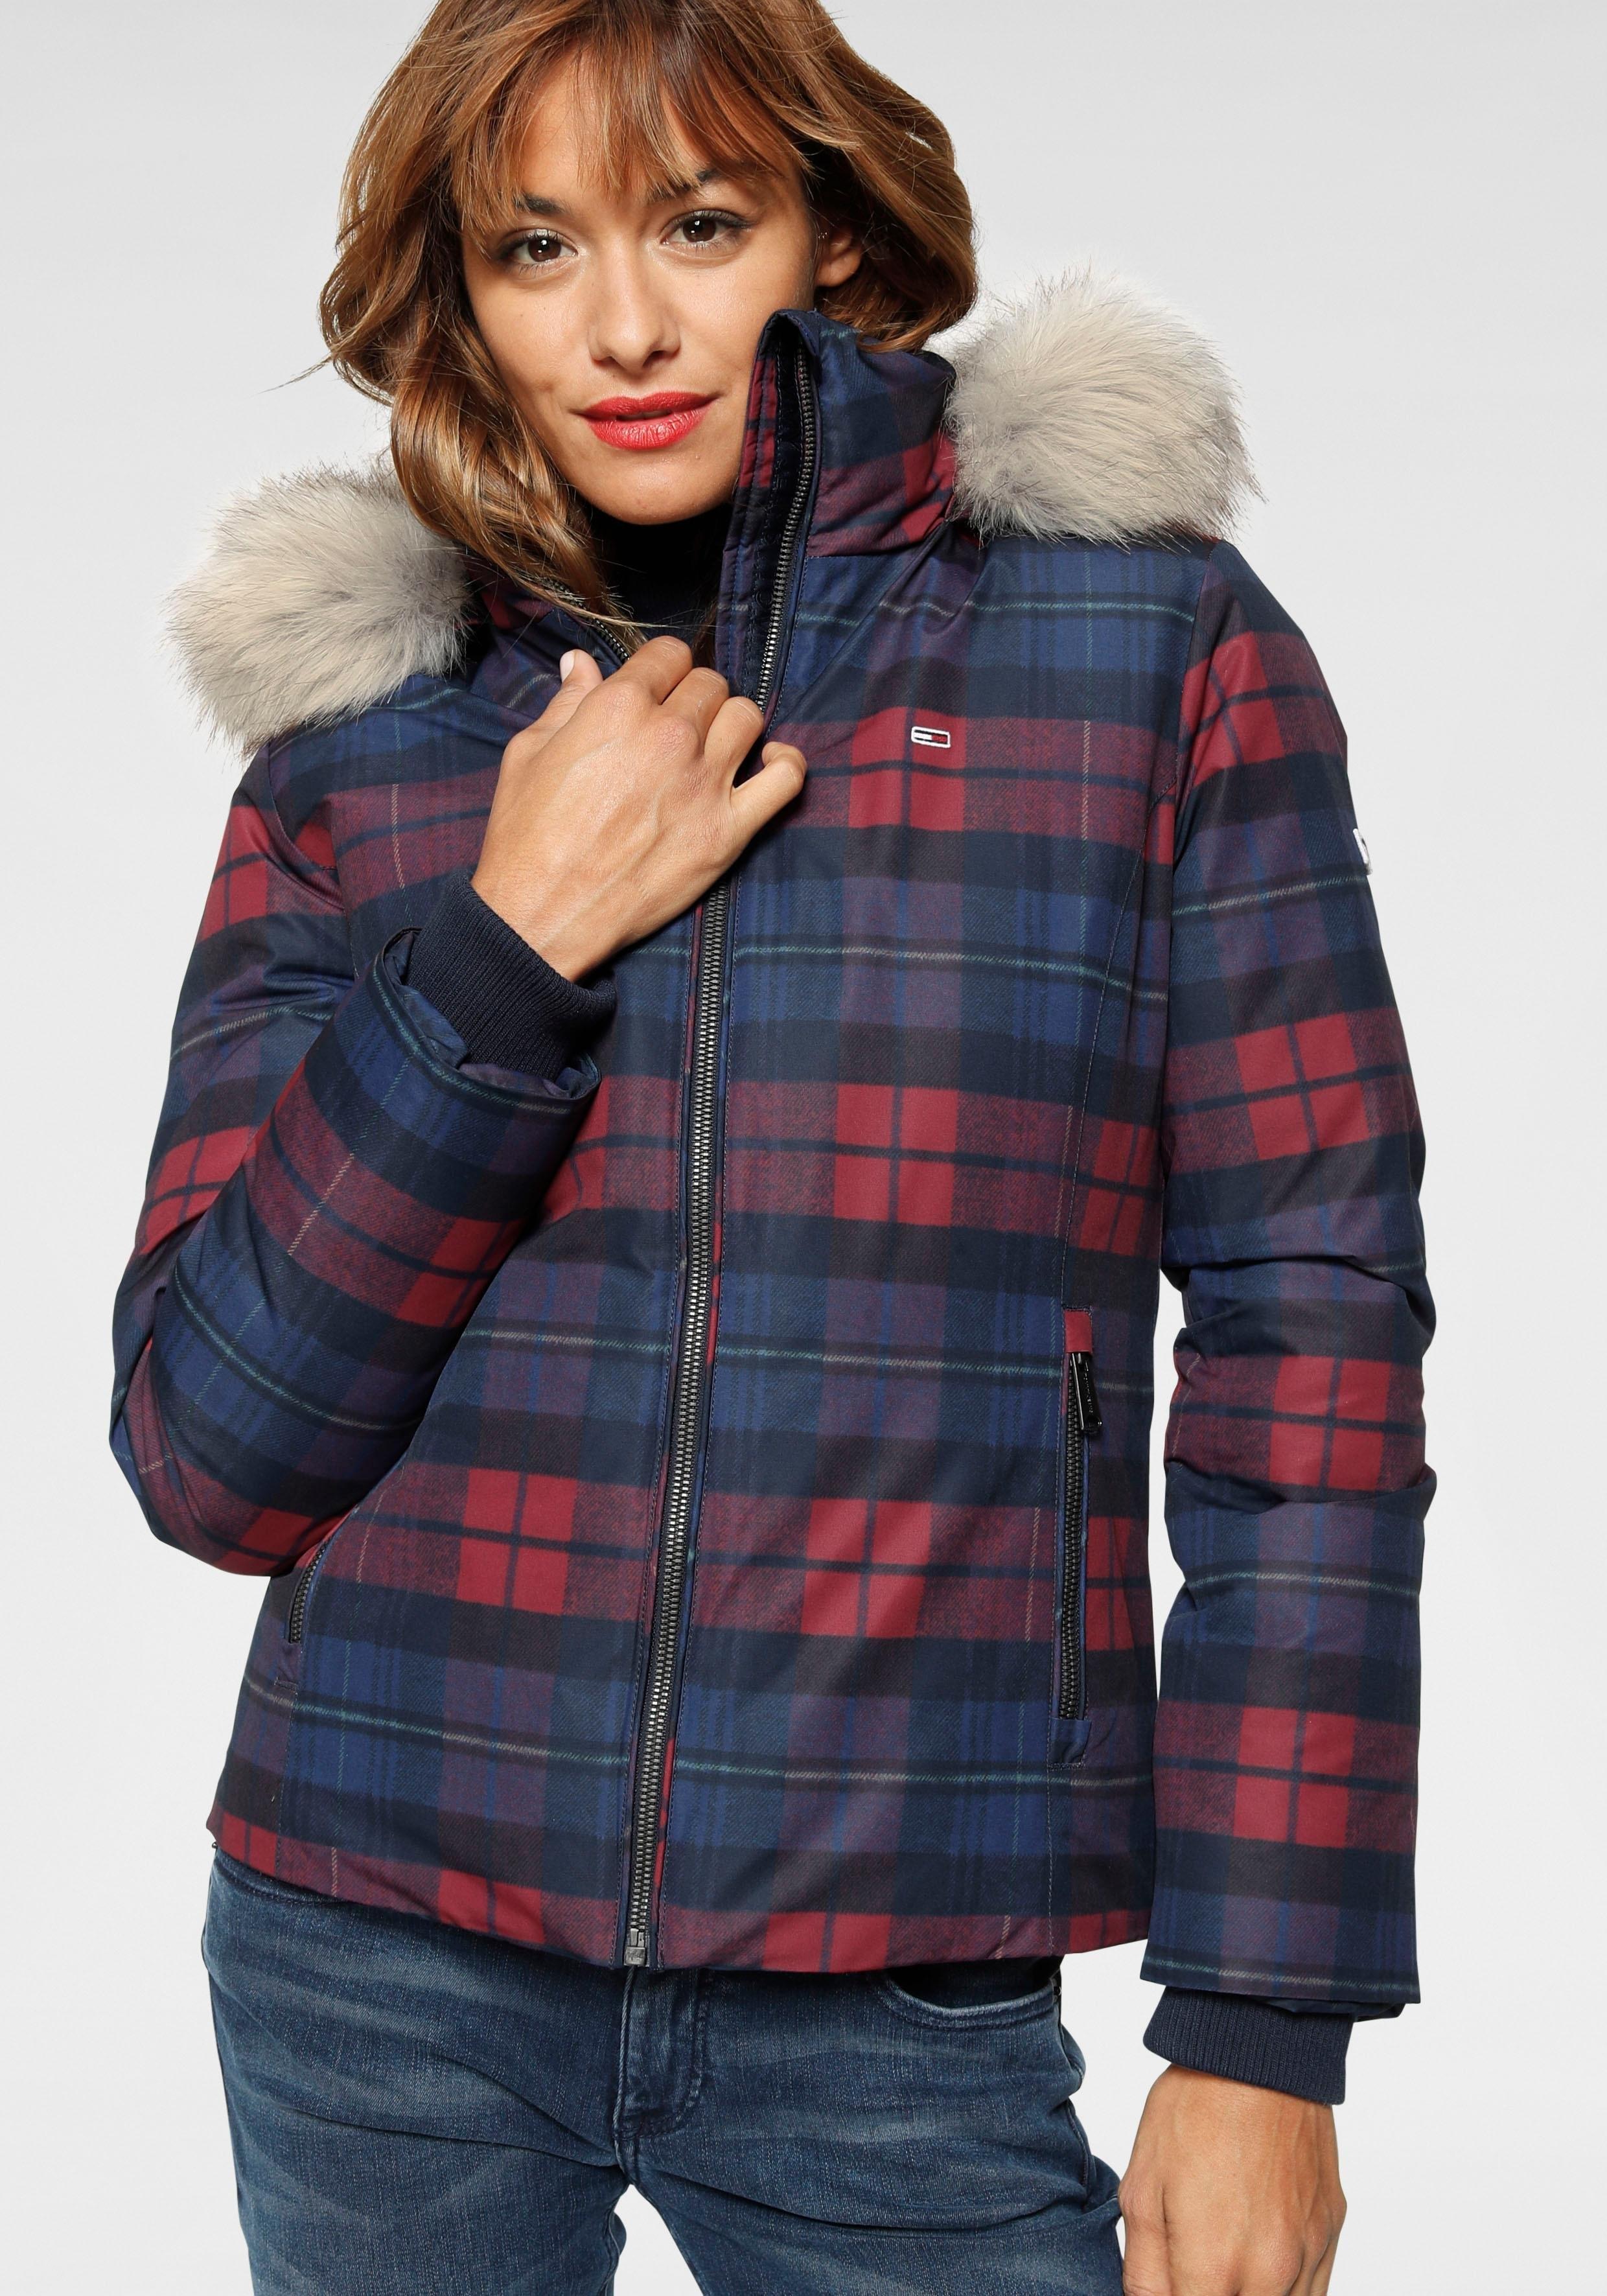 Tommy Jeans outdoorjack voordelig en veilig online kopen